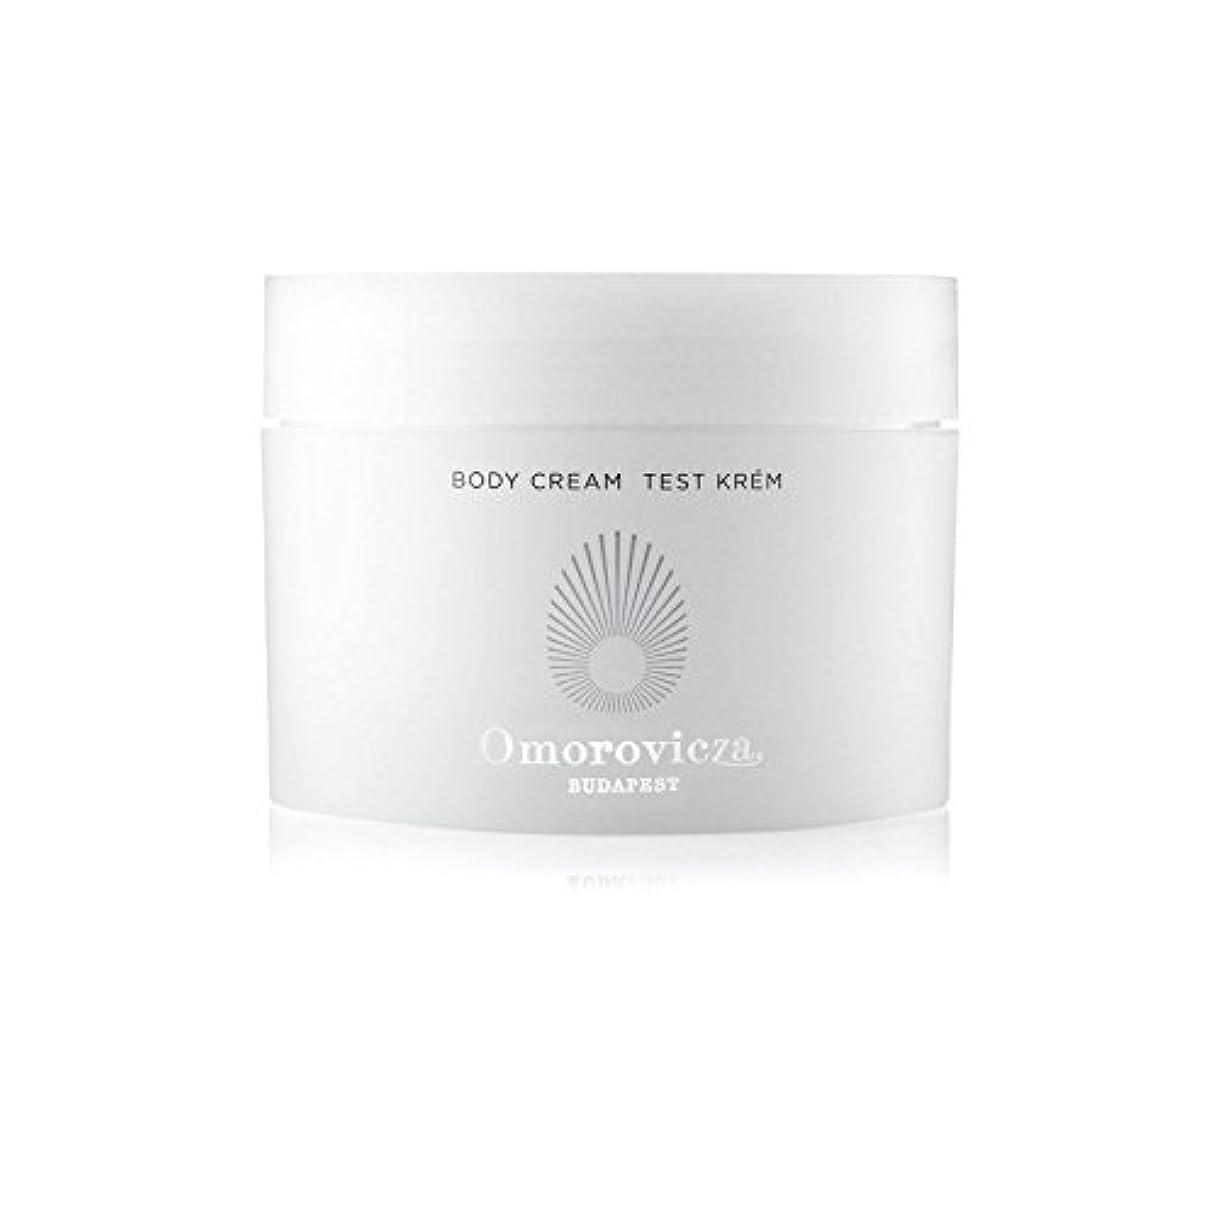 ストローずんぐりした教育者Omorovicza Body Cream (200ml) - ボディクリーム(200ミリリットル) [並行輸入品]